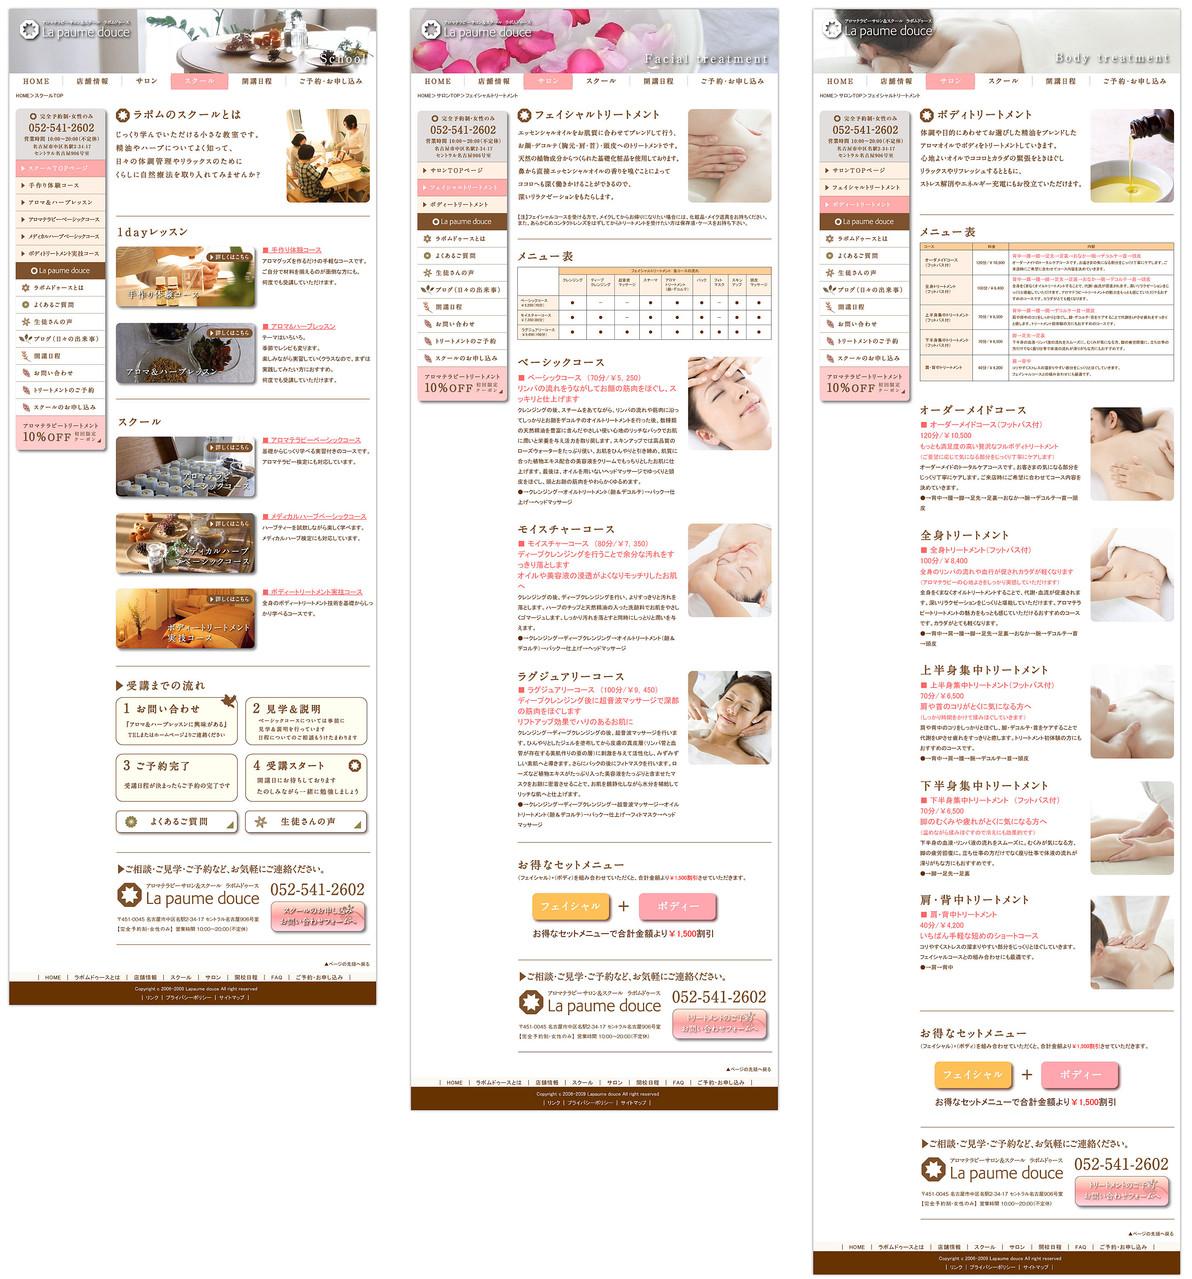 アロマテラピーエステサロンホームページデザイン